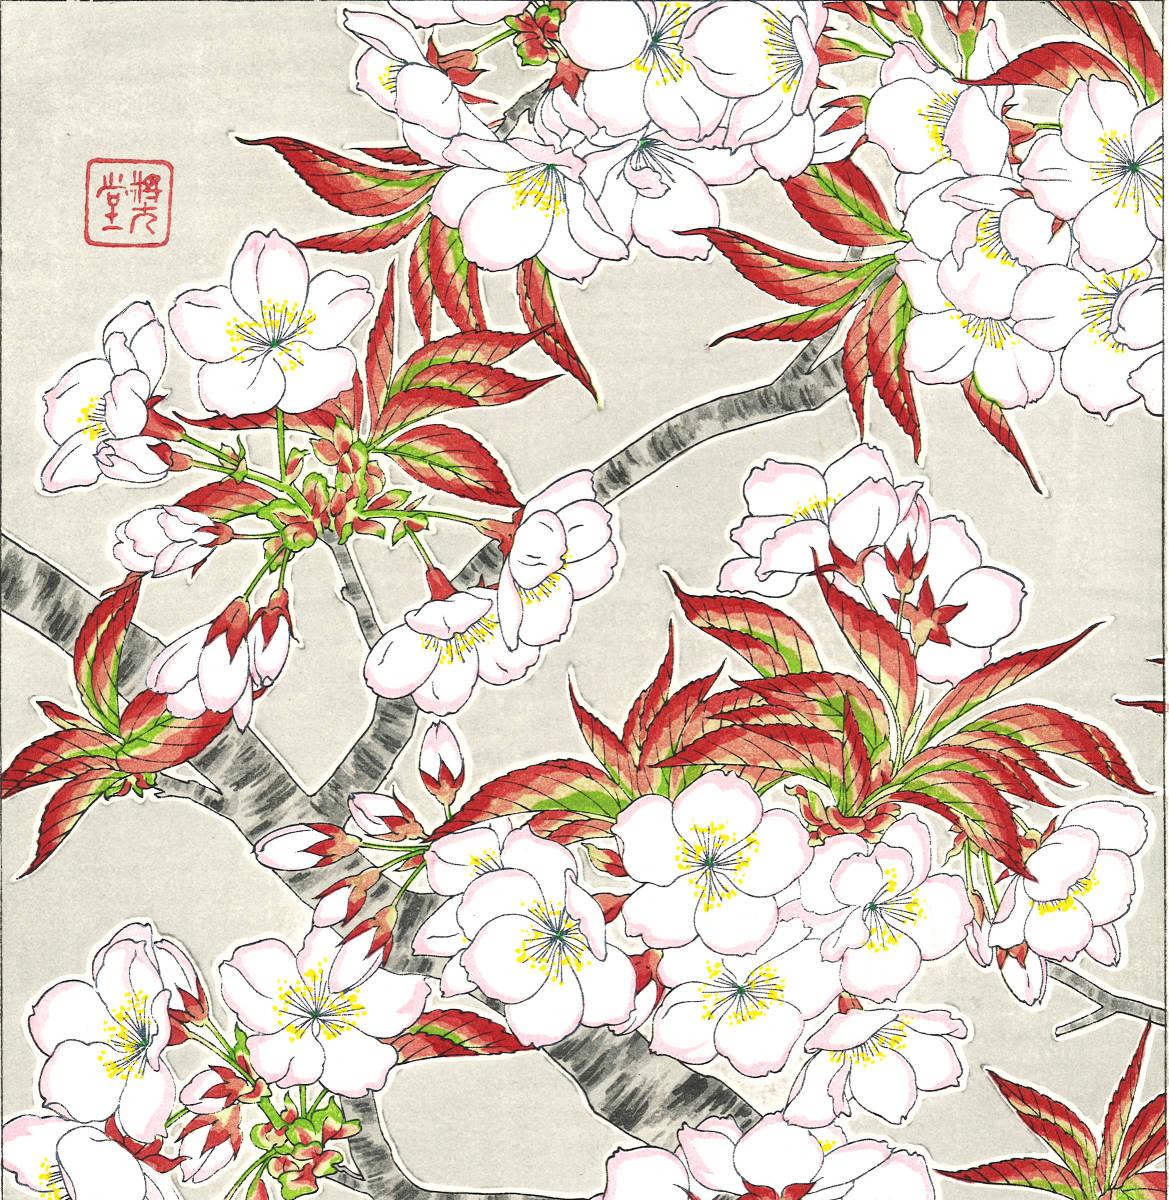 河原崎奨堂 (Kawarazaki Shodo) (1899~1973) 木版画 F020 桜 花版画 (cherry) 初版昭和初期~ 京都の一流の摺師の技をご堪能下さい。_画像6